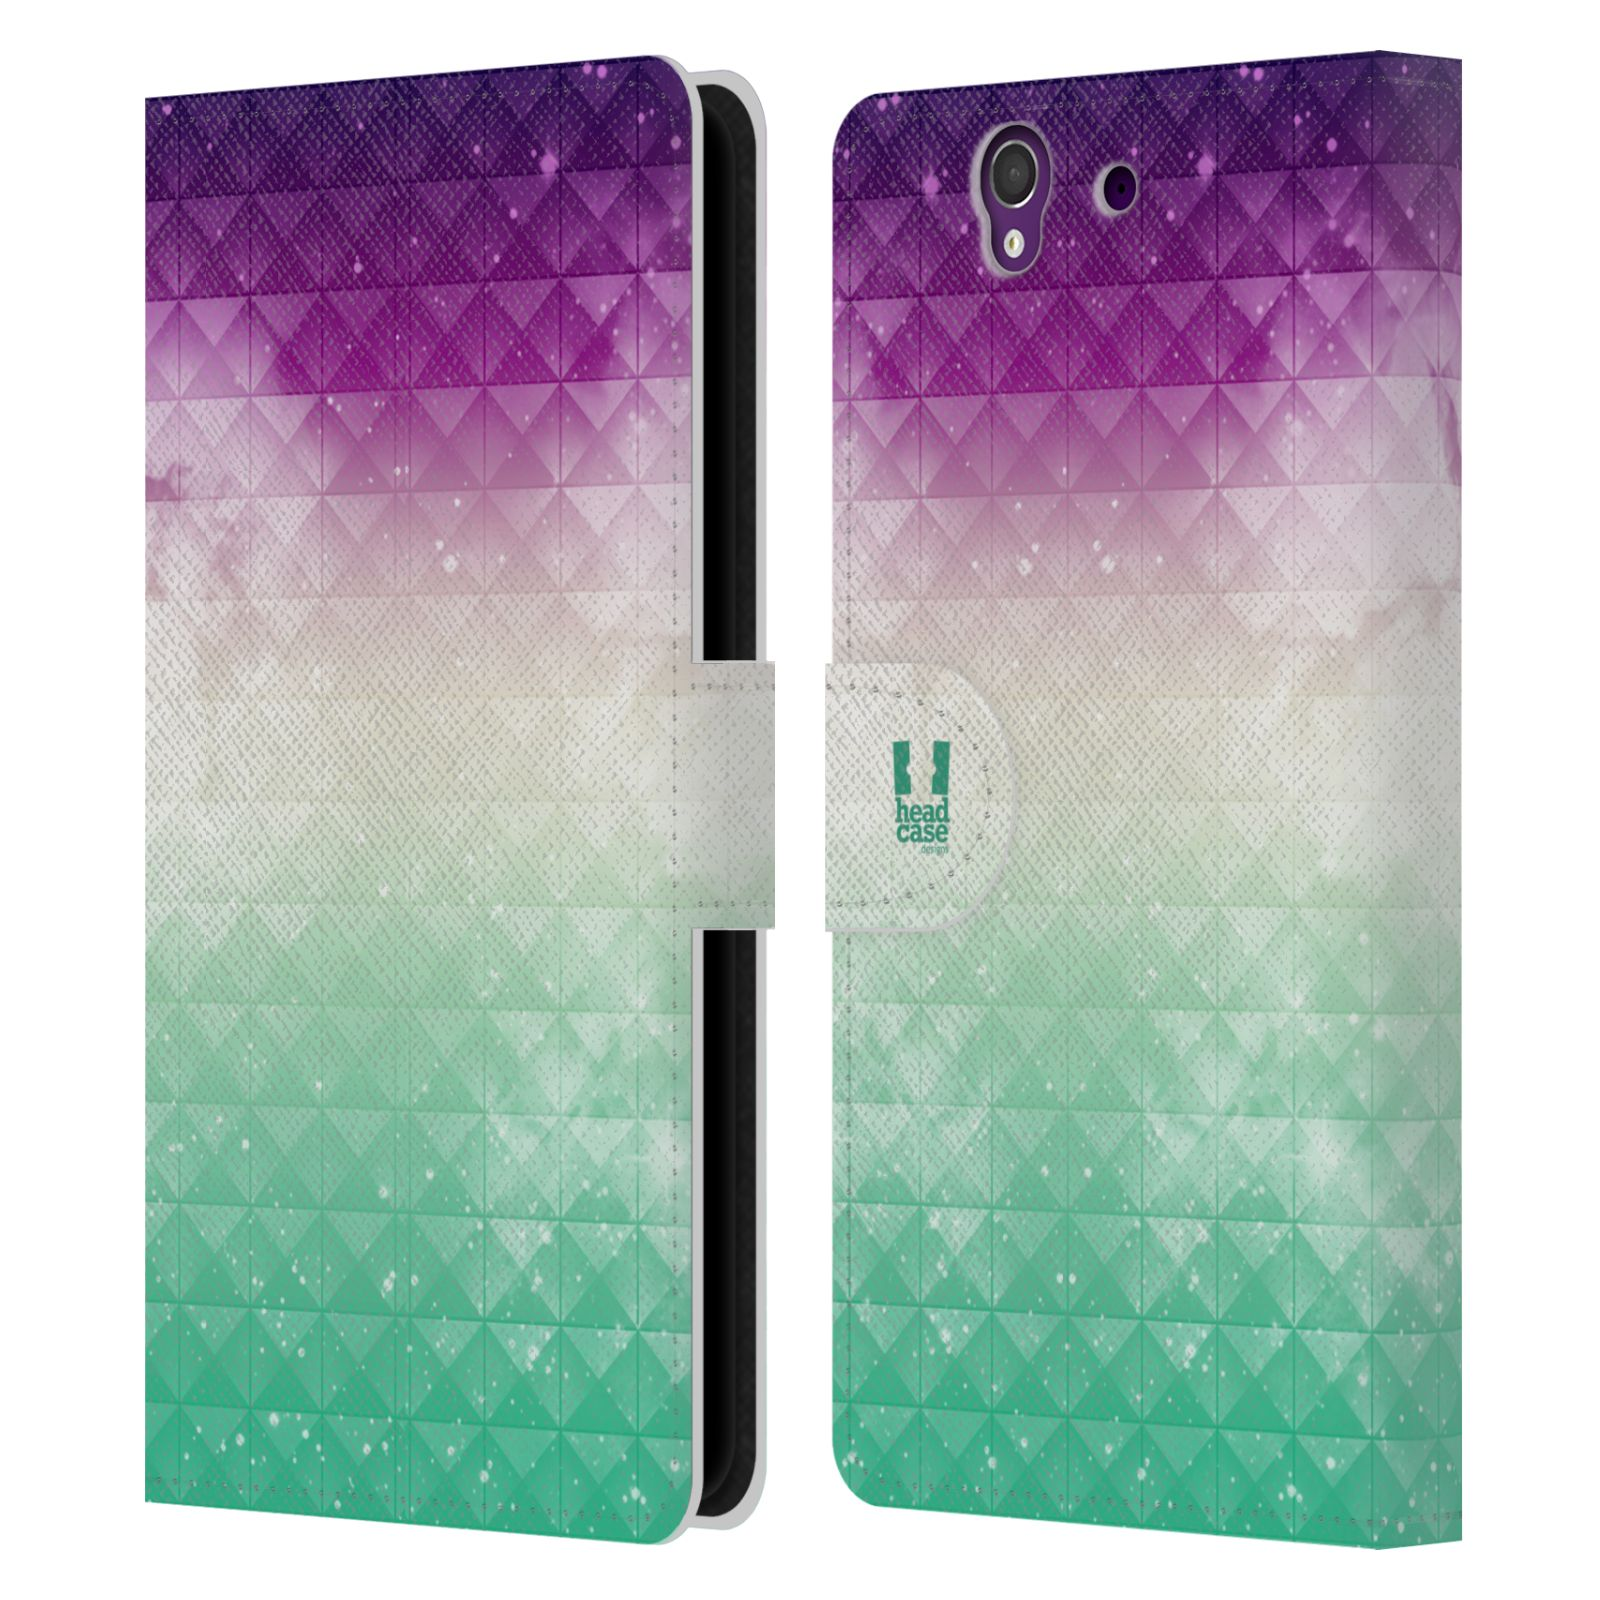 HEAD CASE Flipové pouzdro pro mobil SONY XPERIA Z (C6603) barevná vesmírná mlhovina fialová a zelená